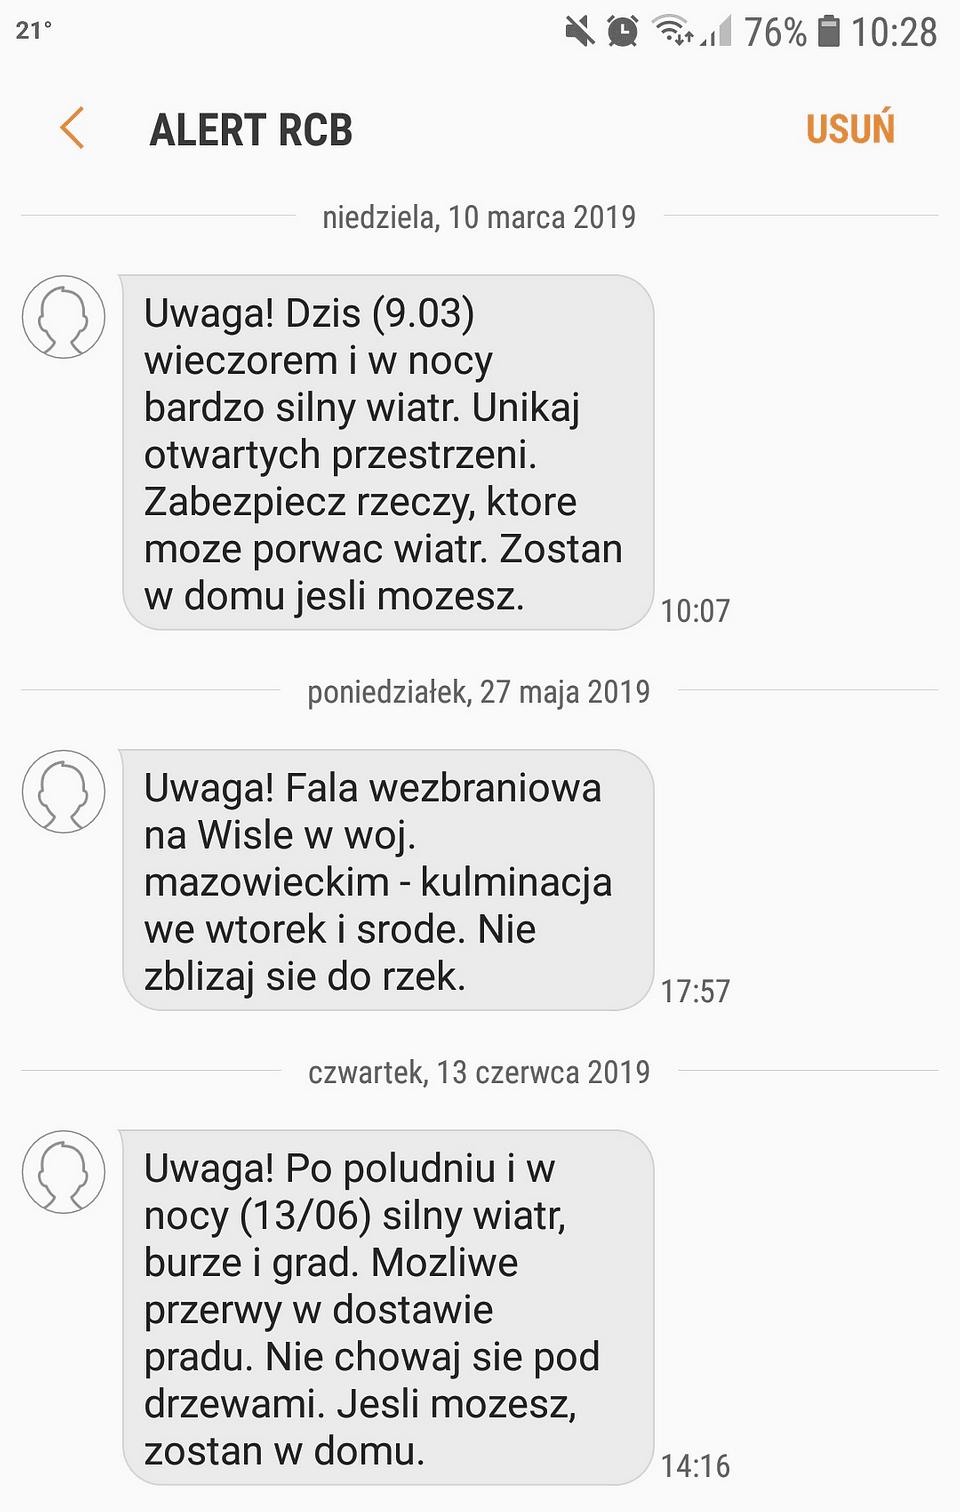 Polacy chętnie otrzymywaliby od urzędów wiadomości w postaci SMS-ów